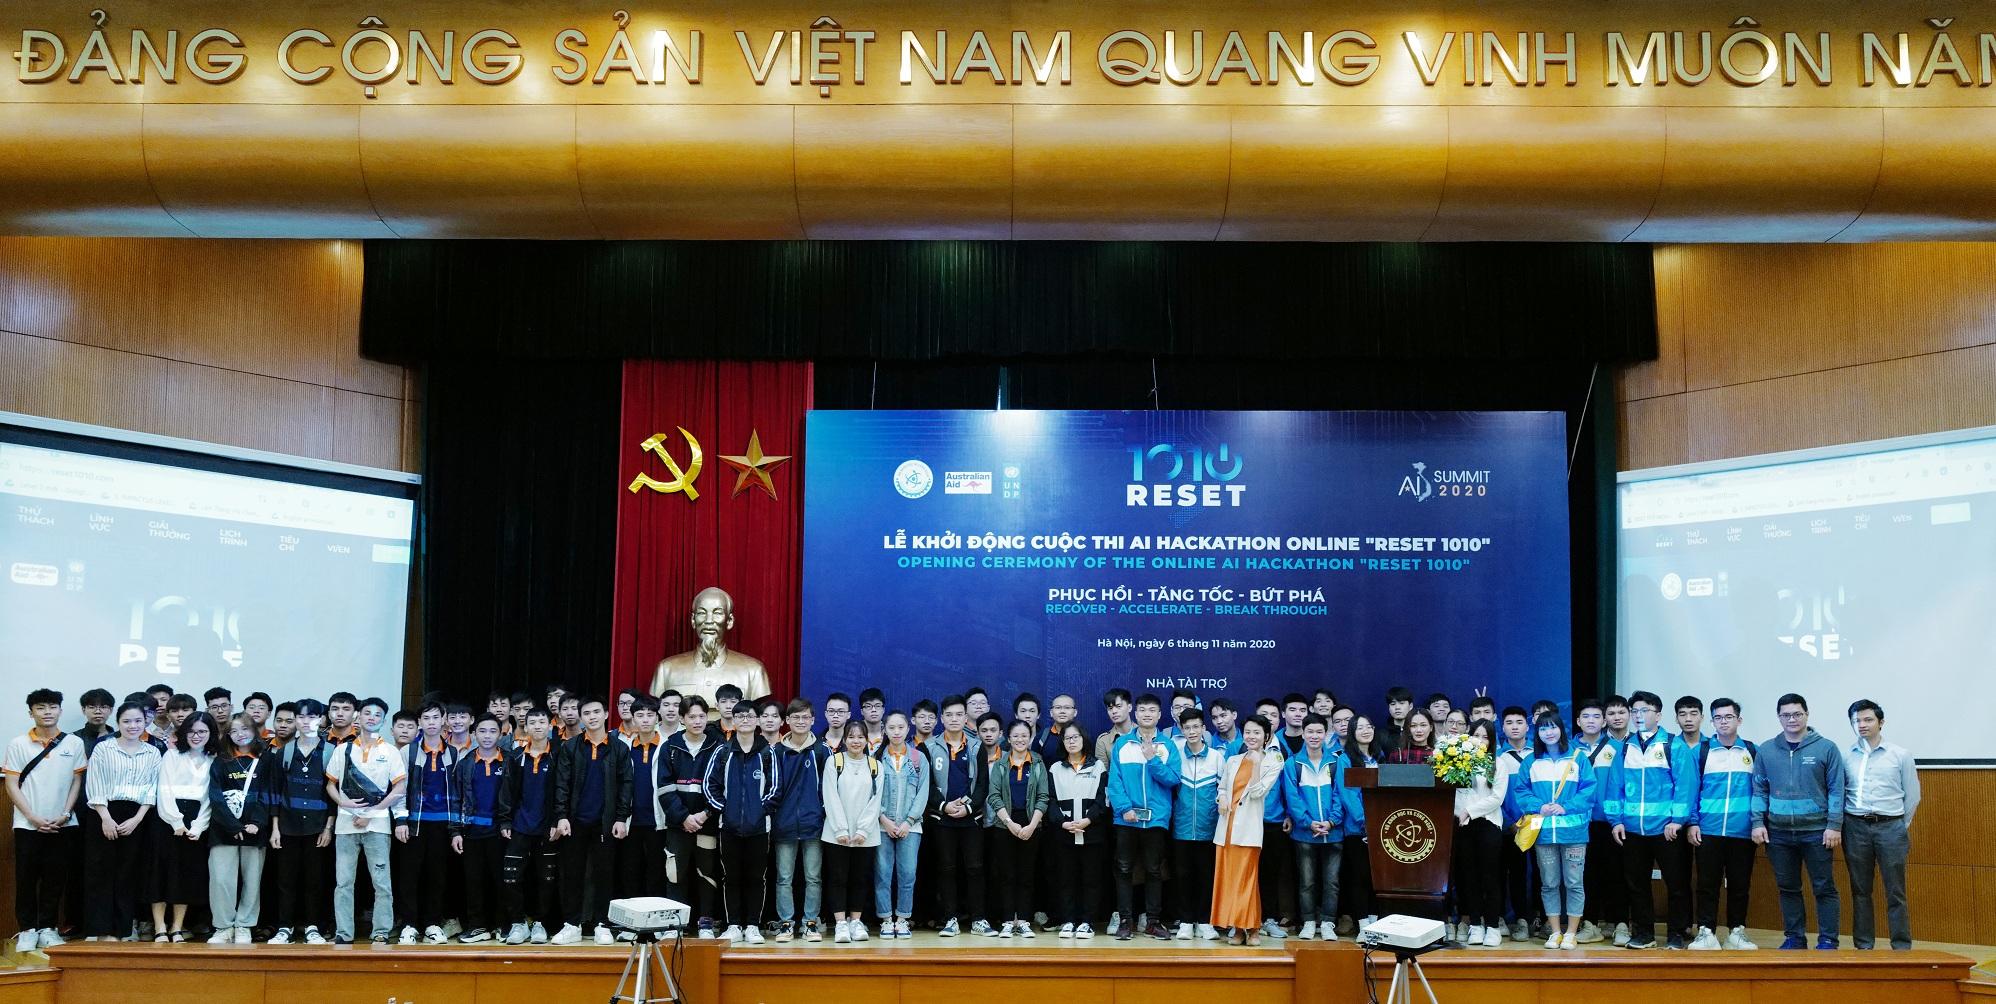 Sinh viên các trường ĐH ở Hà Nội tham gia lễ phát động AI Hackathon RESET 1010 | Ảnh: BTC